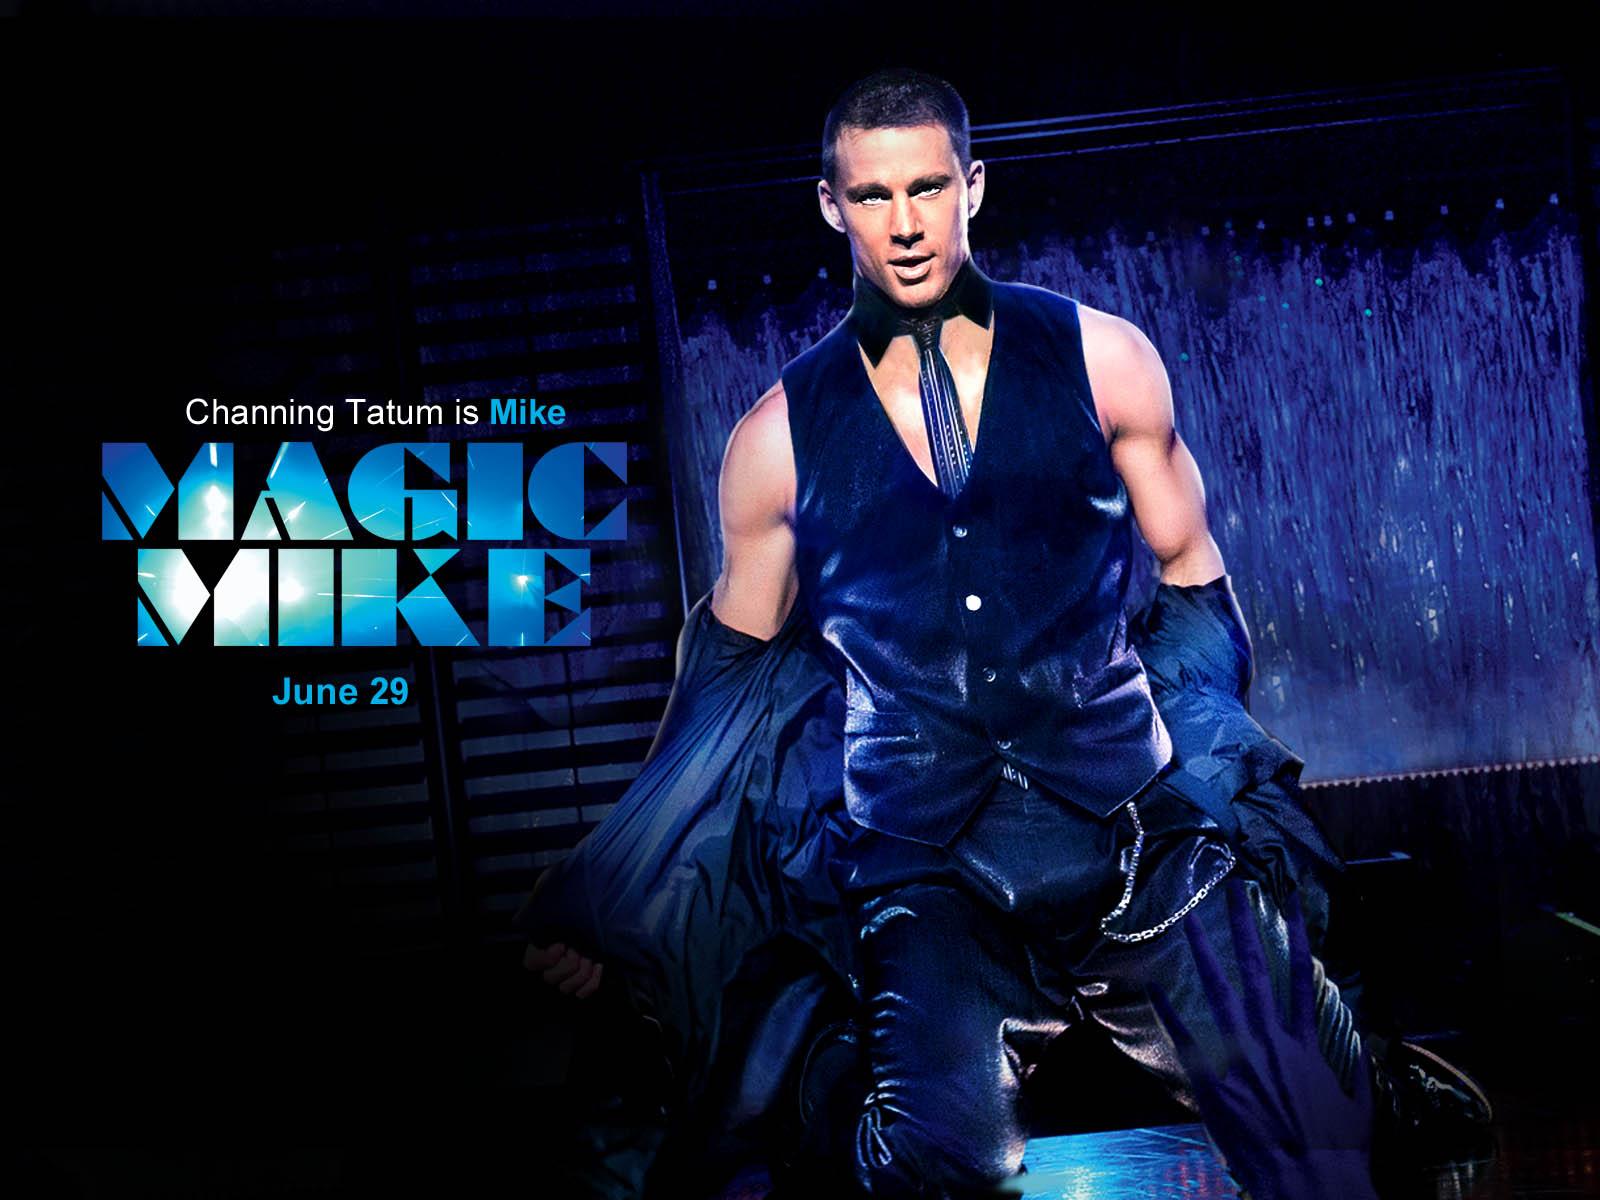 Channing Tatum Magic Mike Channing Tatum ...